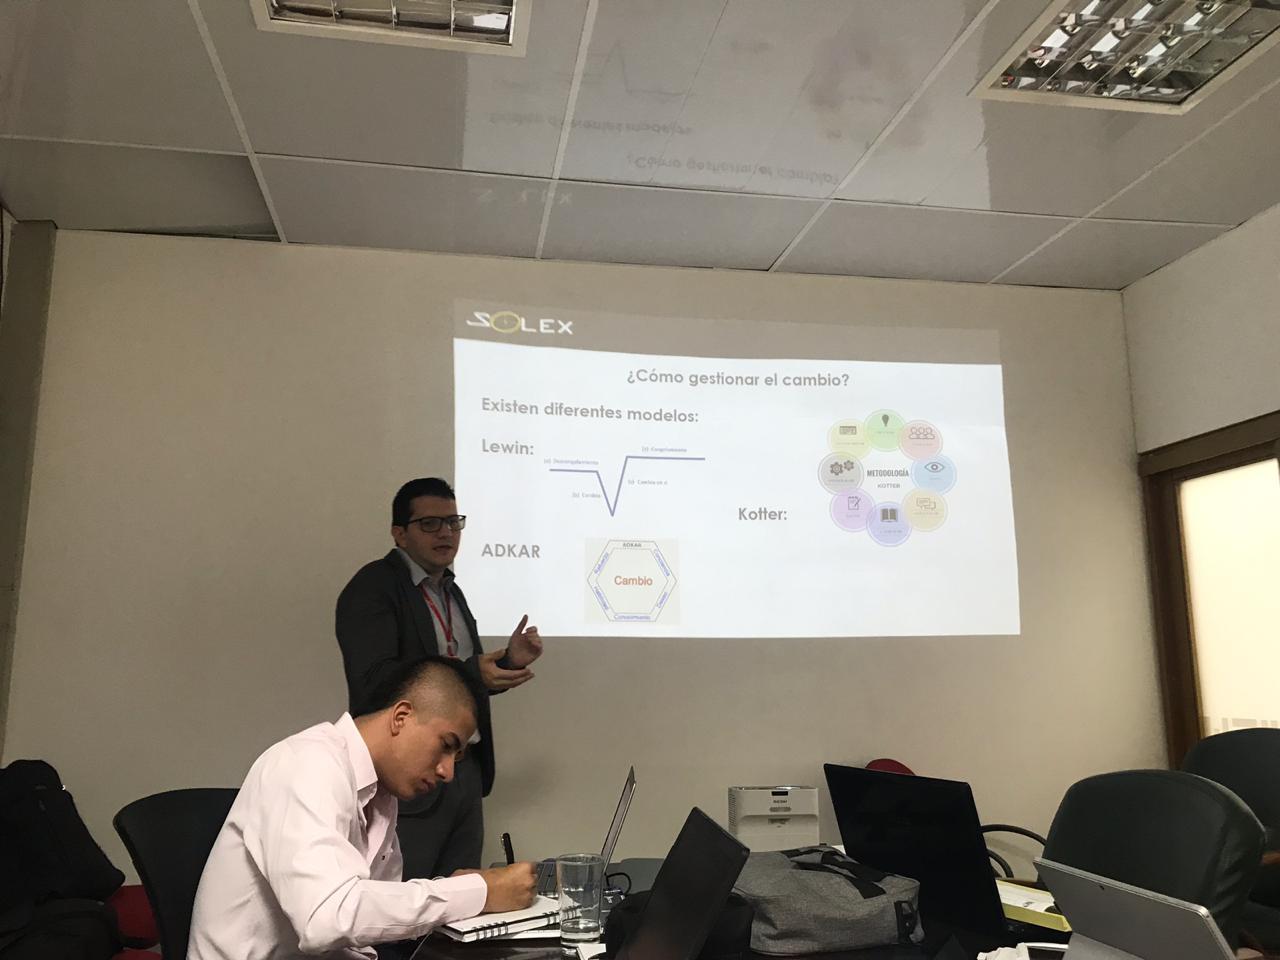 Presentación Kick off proyecto de Gestión del Cambio en Emcali